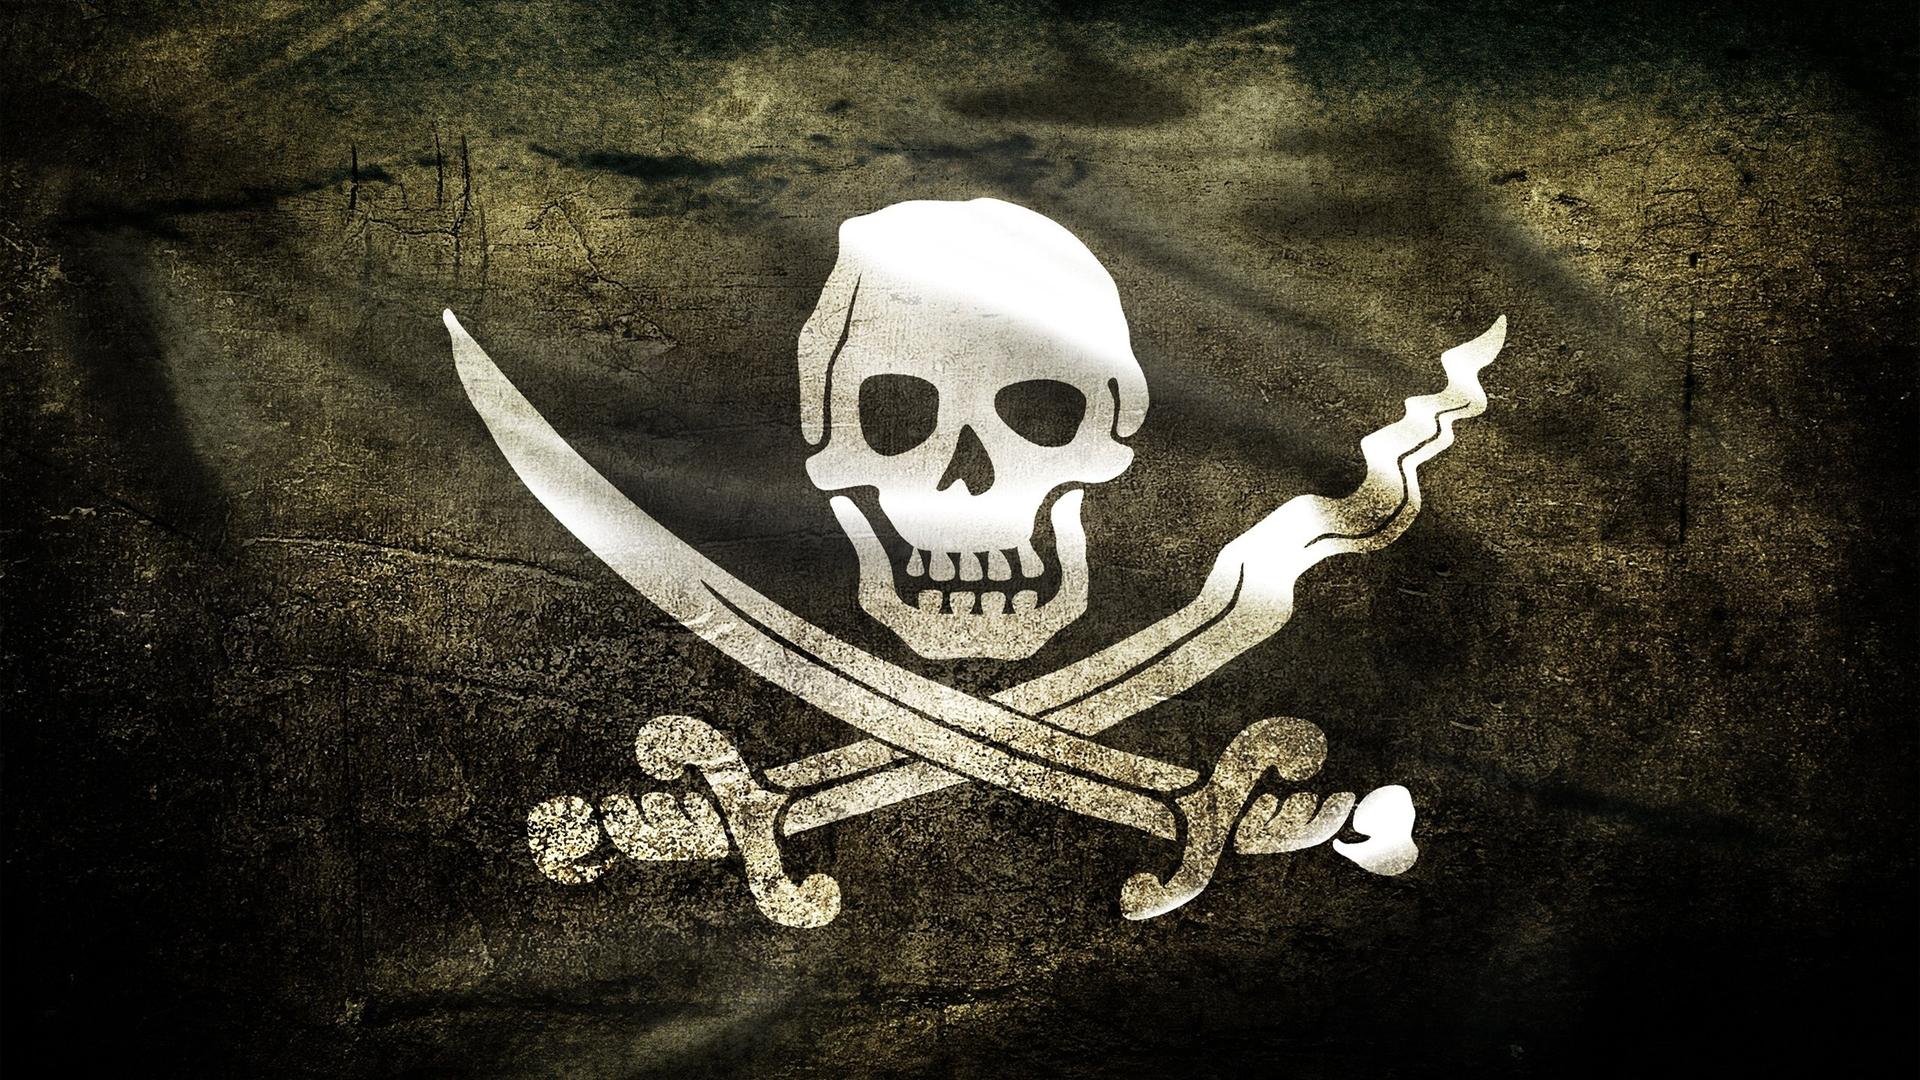 73 Skull And Bones Wallpaper On Wallpapersafari